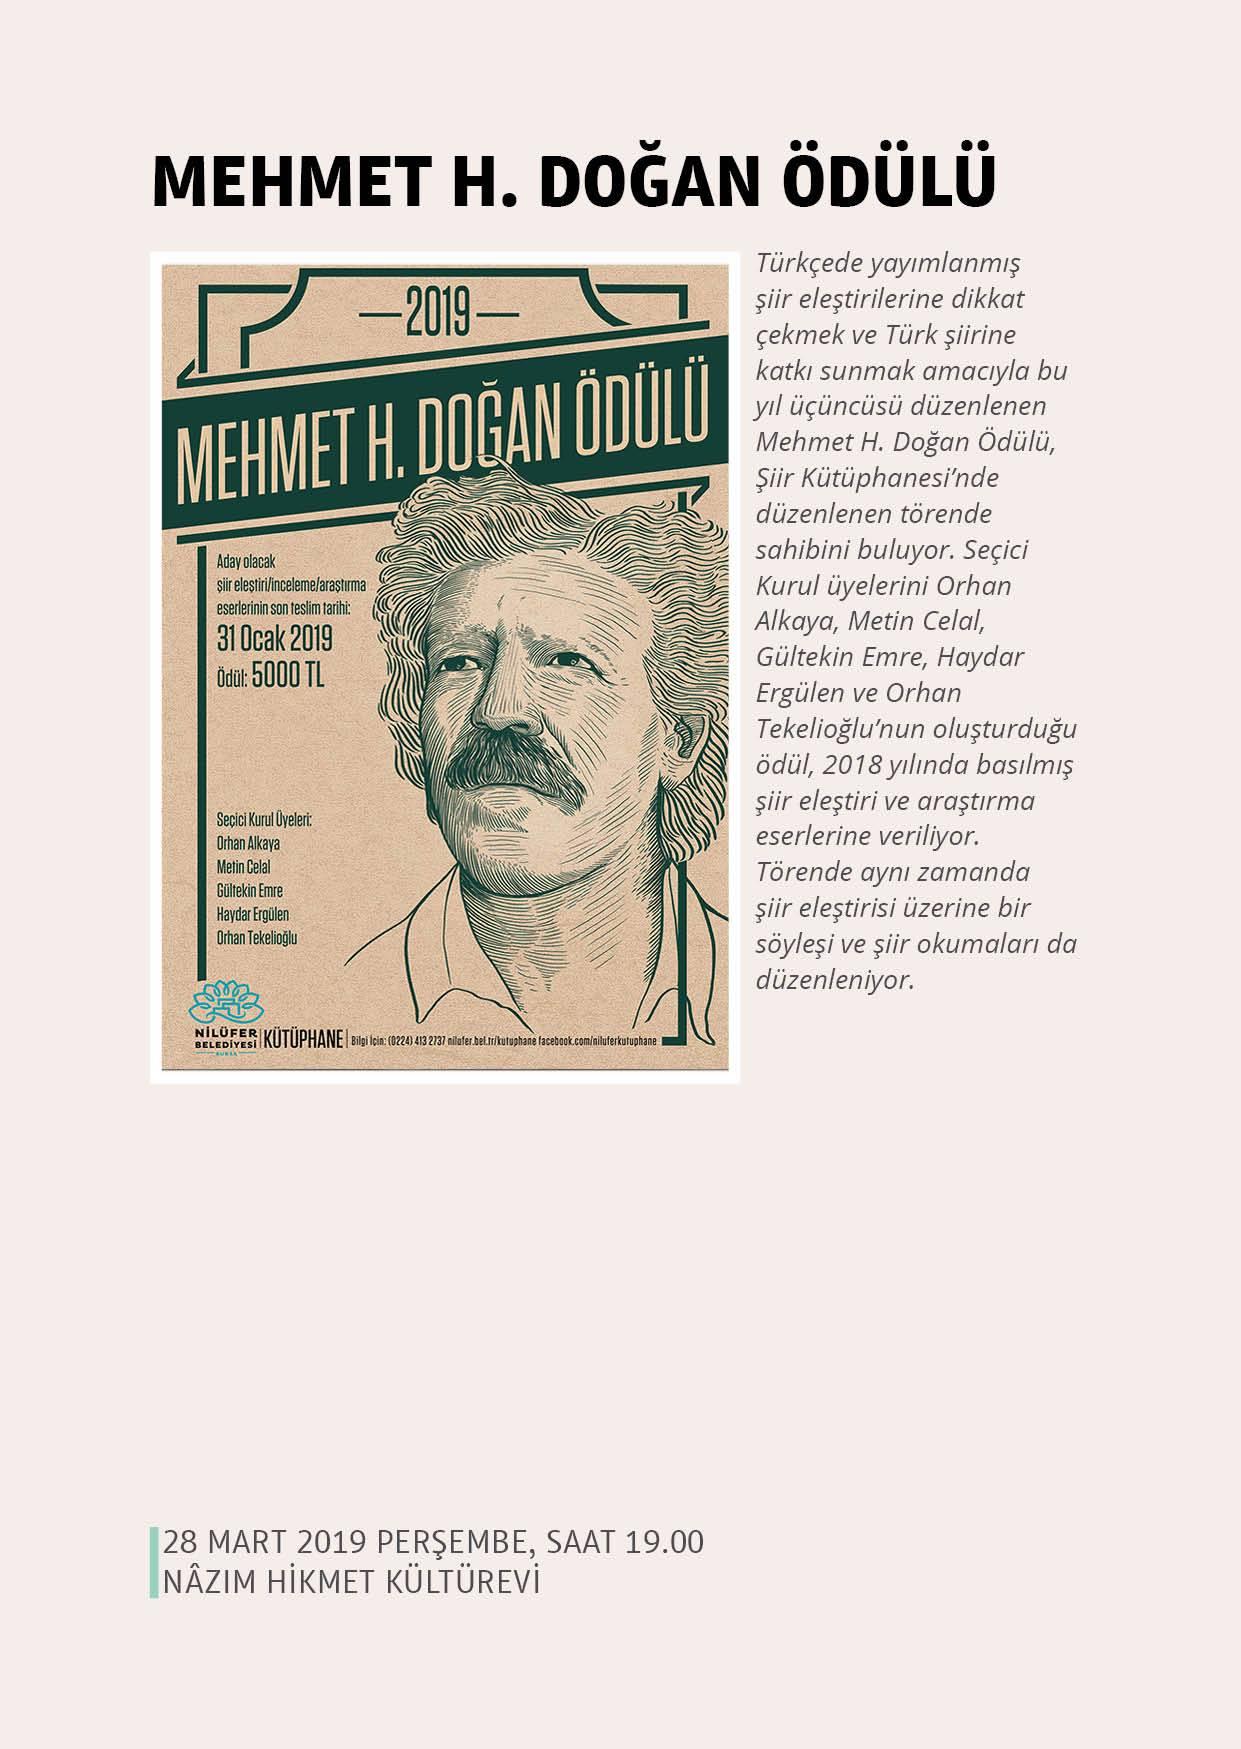 Mehmet H. Doğan Ödül Töreni